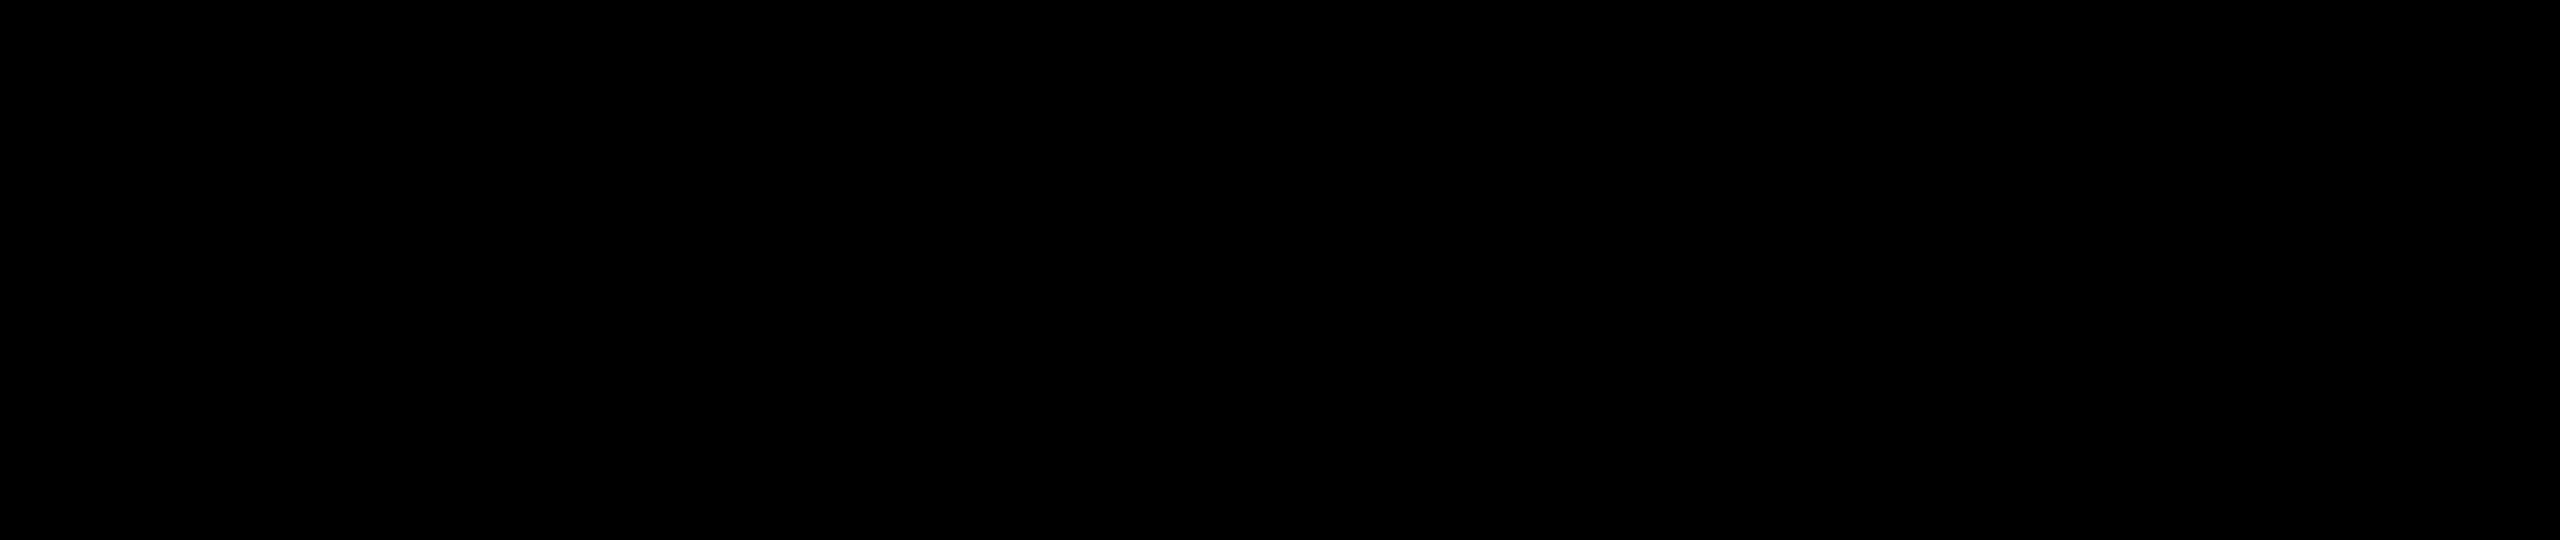 rithm logo partner qring